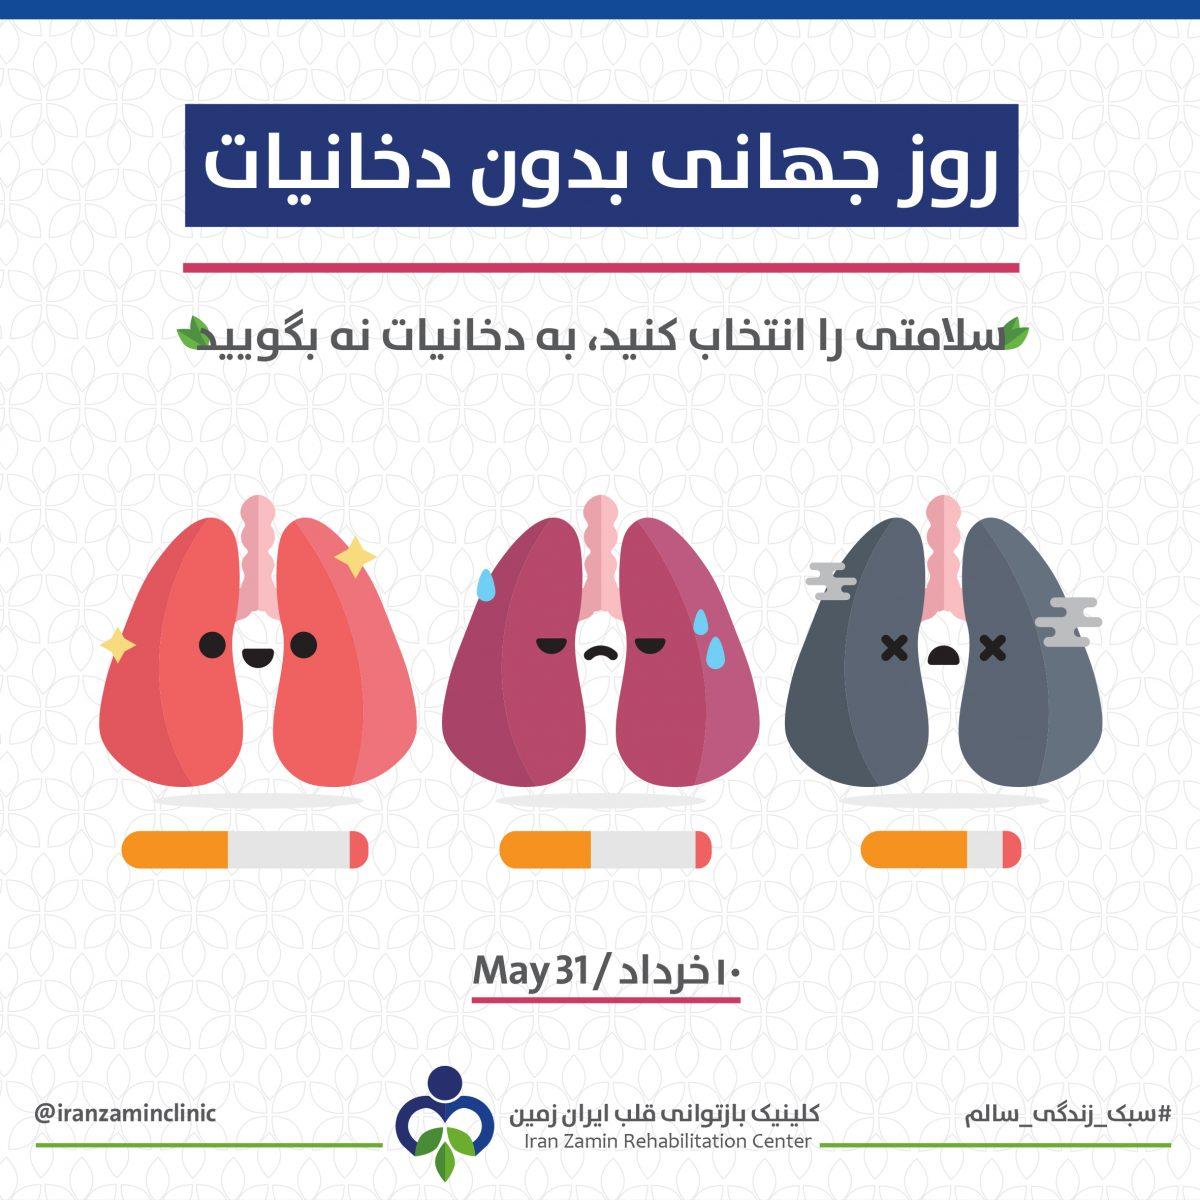 -جهانی-بدون-دخانیات-1200x1200.jpg